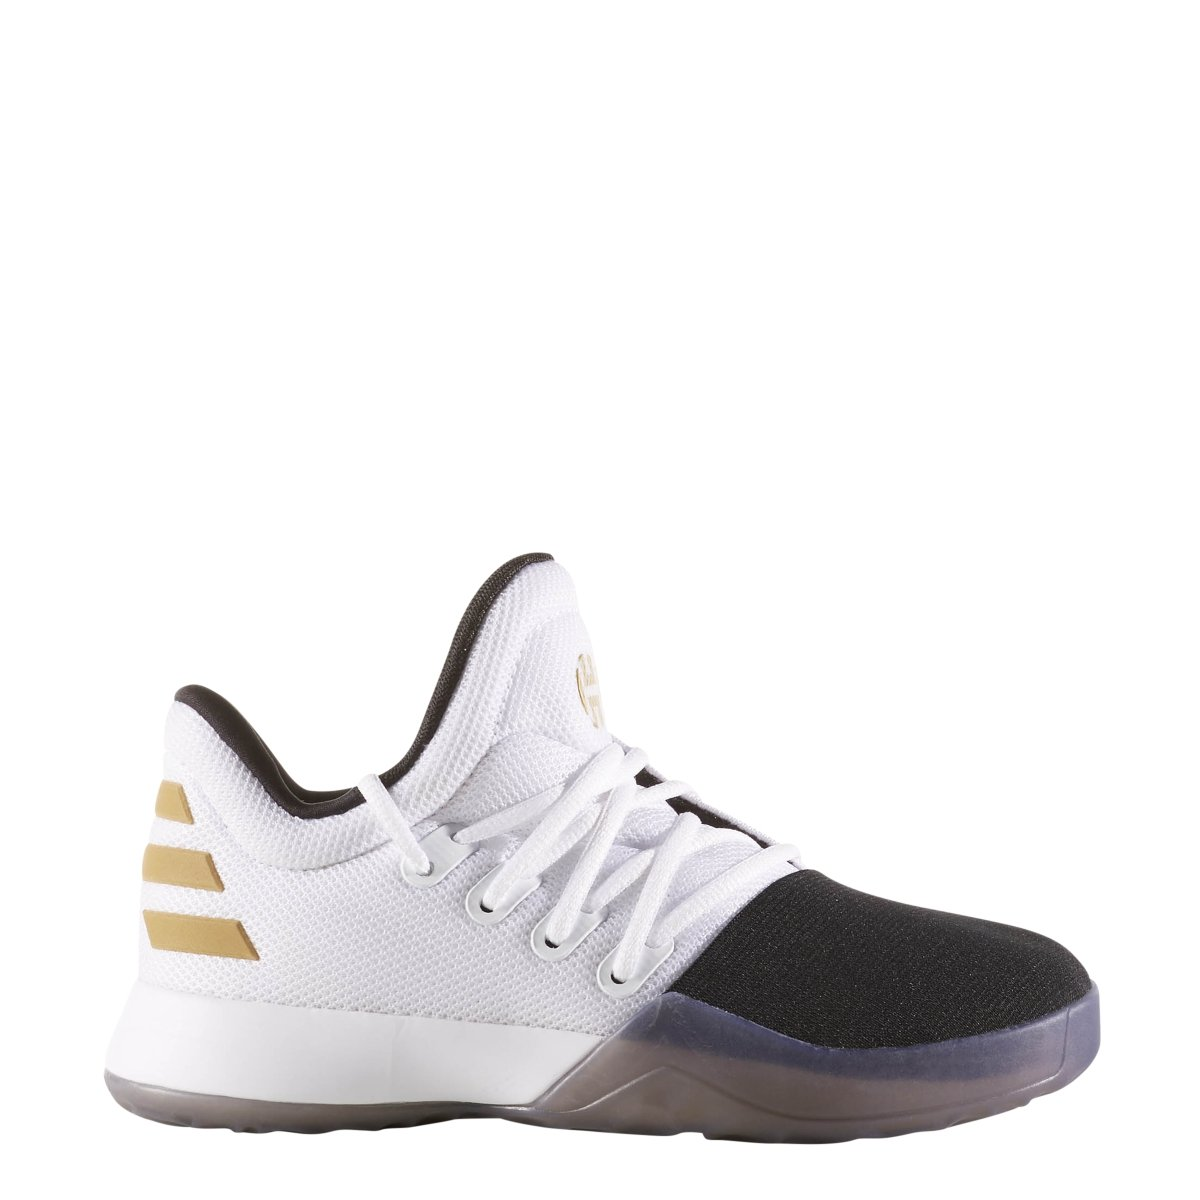 713adf1bff161 Galleon - Adidas Kids Unisex Harden Vol. 1 (Little Kid) White/Black ...